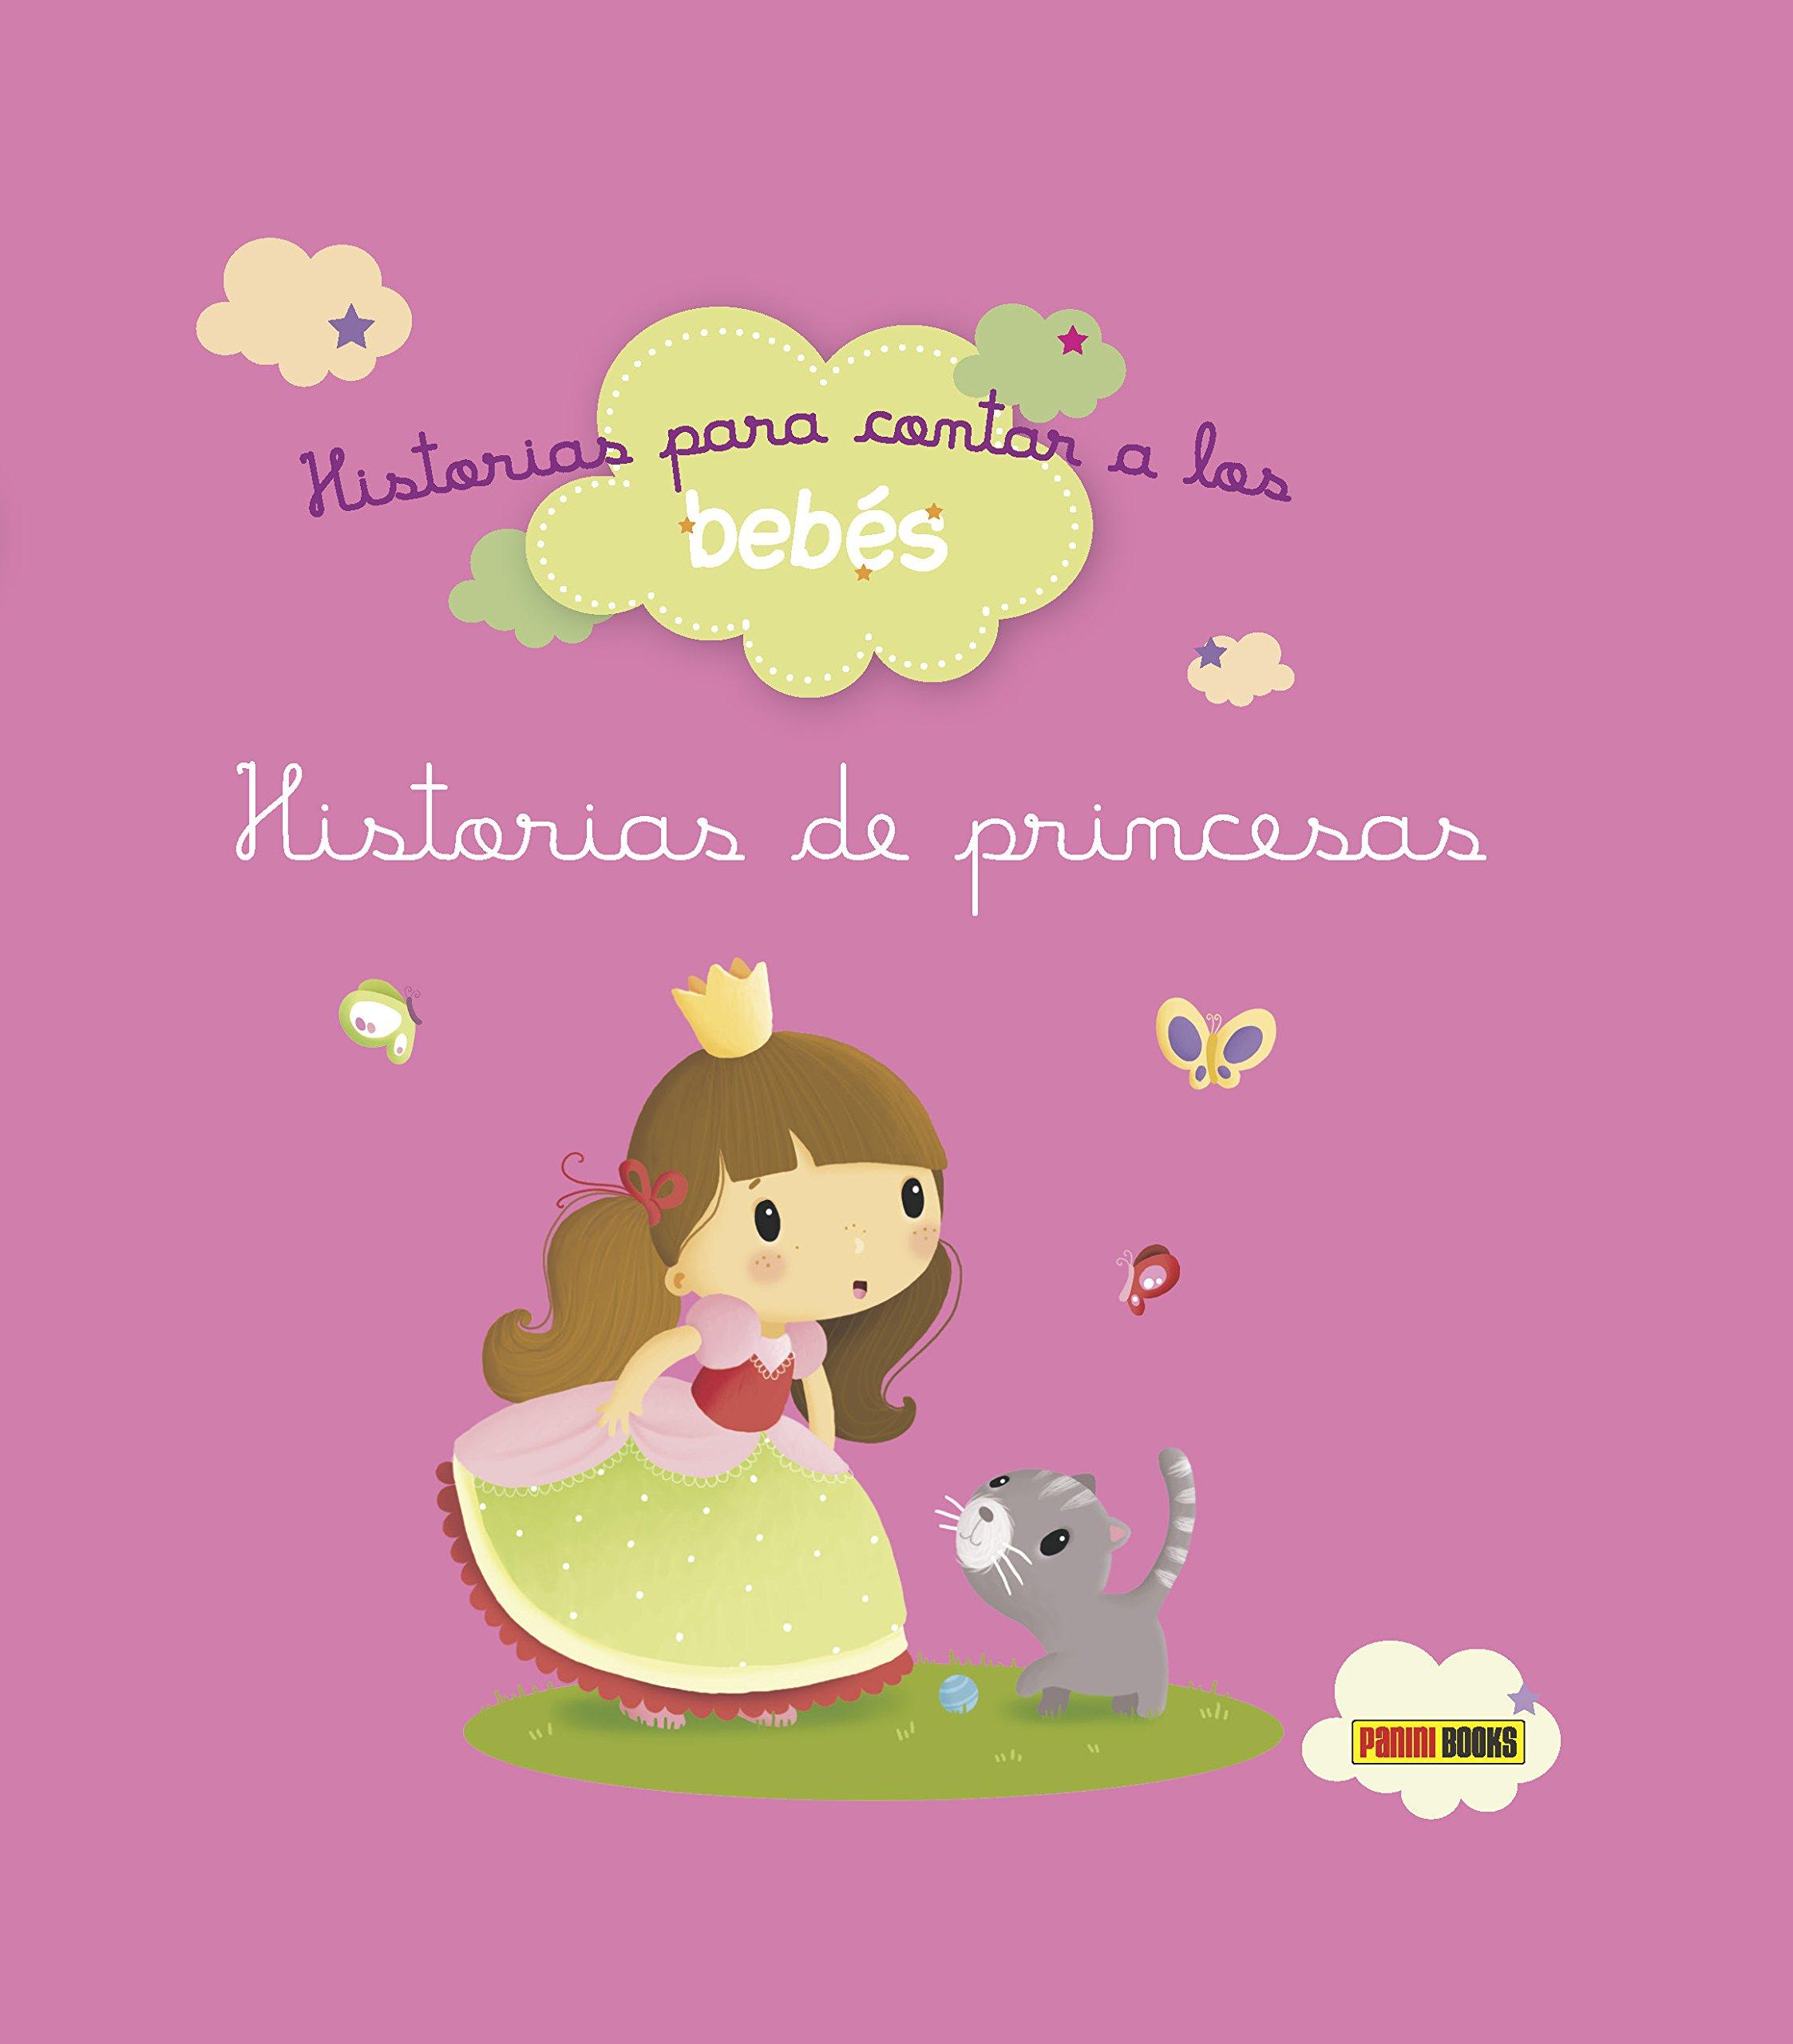 Historias para contar a los bebés, Historias de princesas